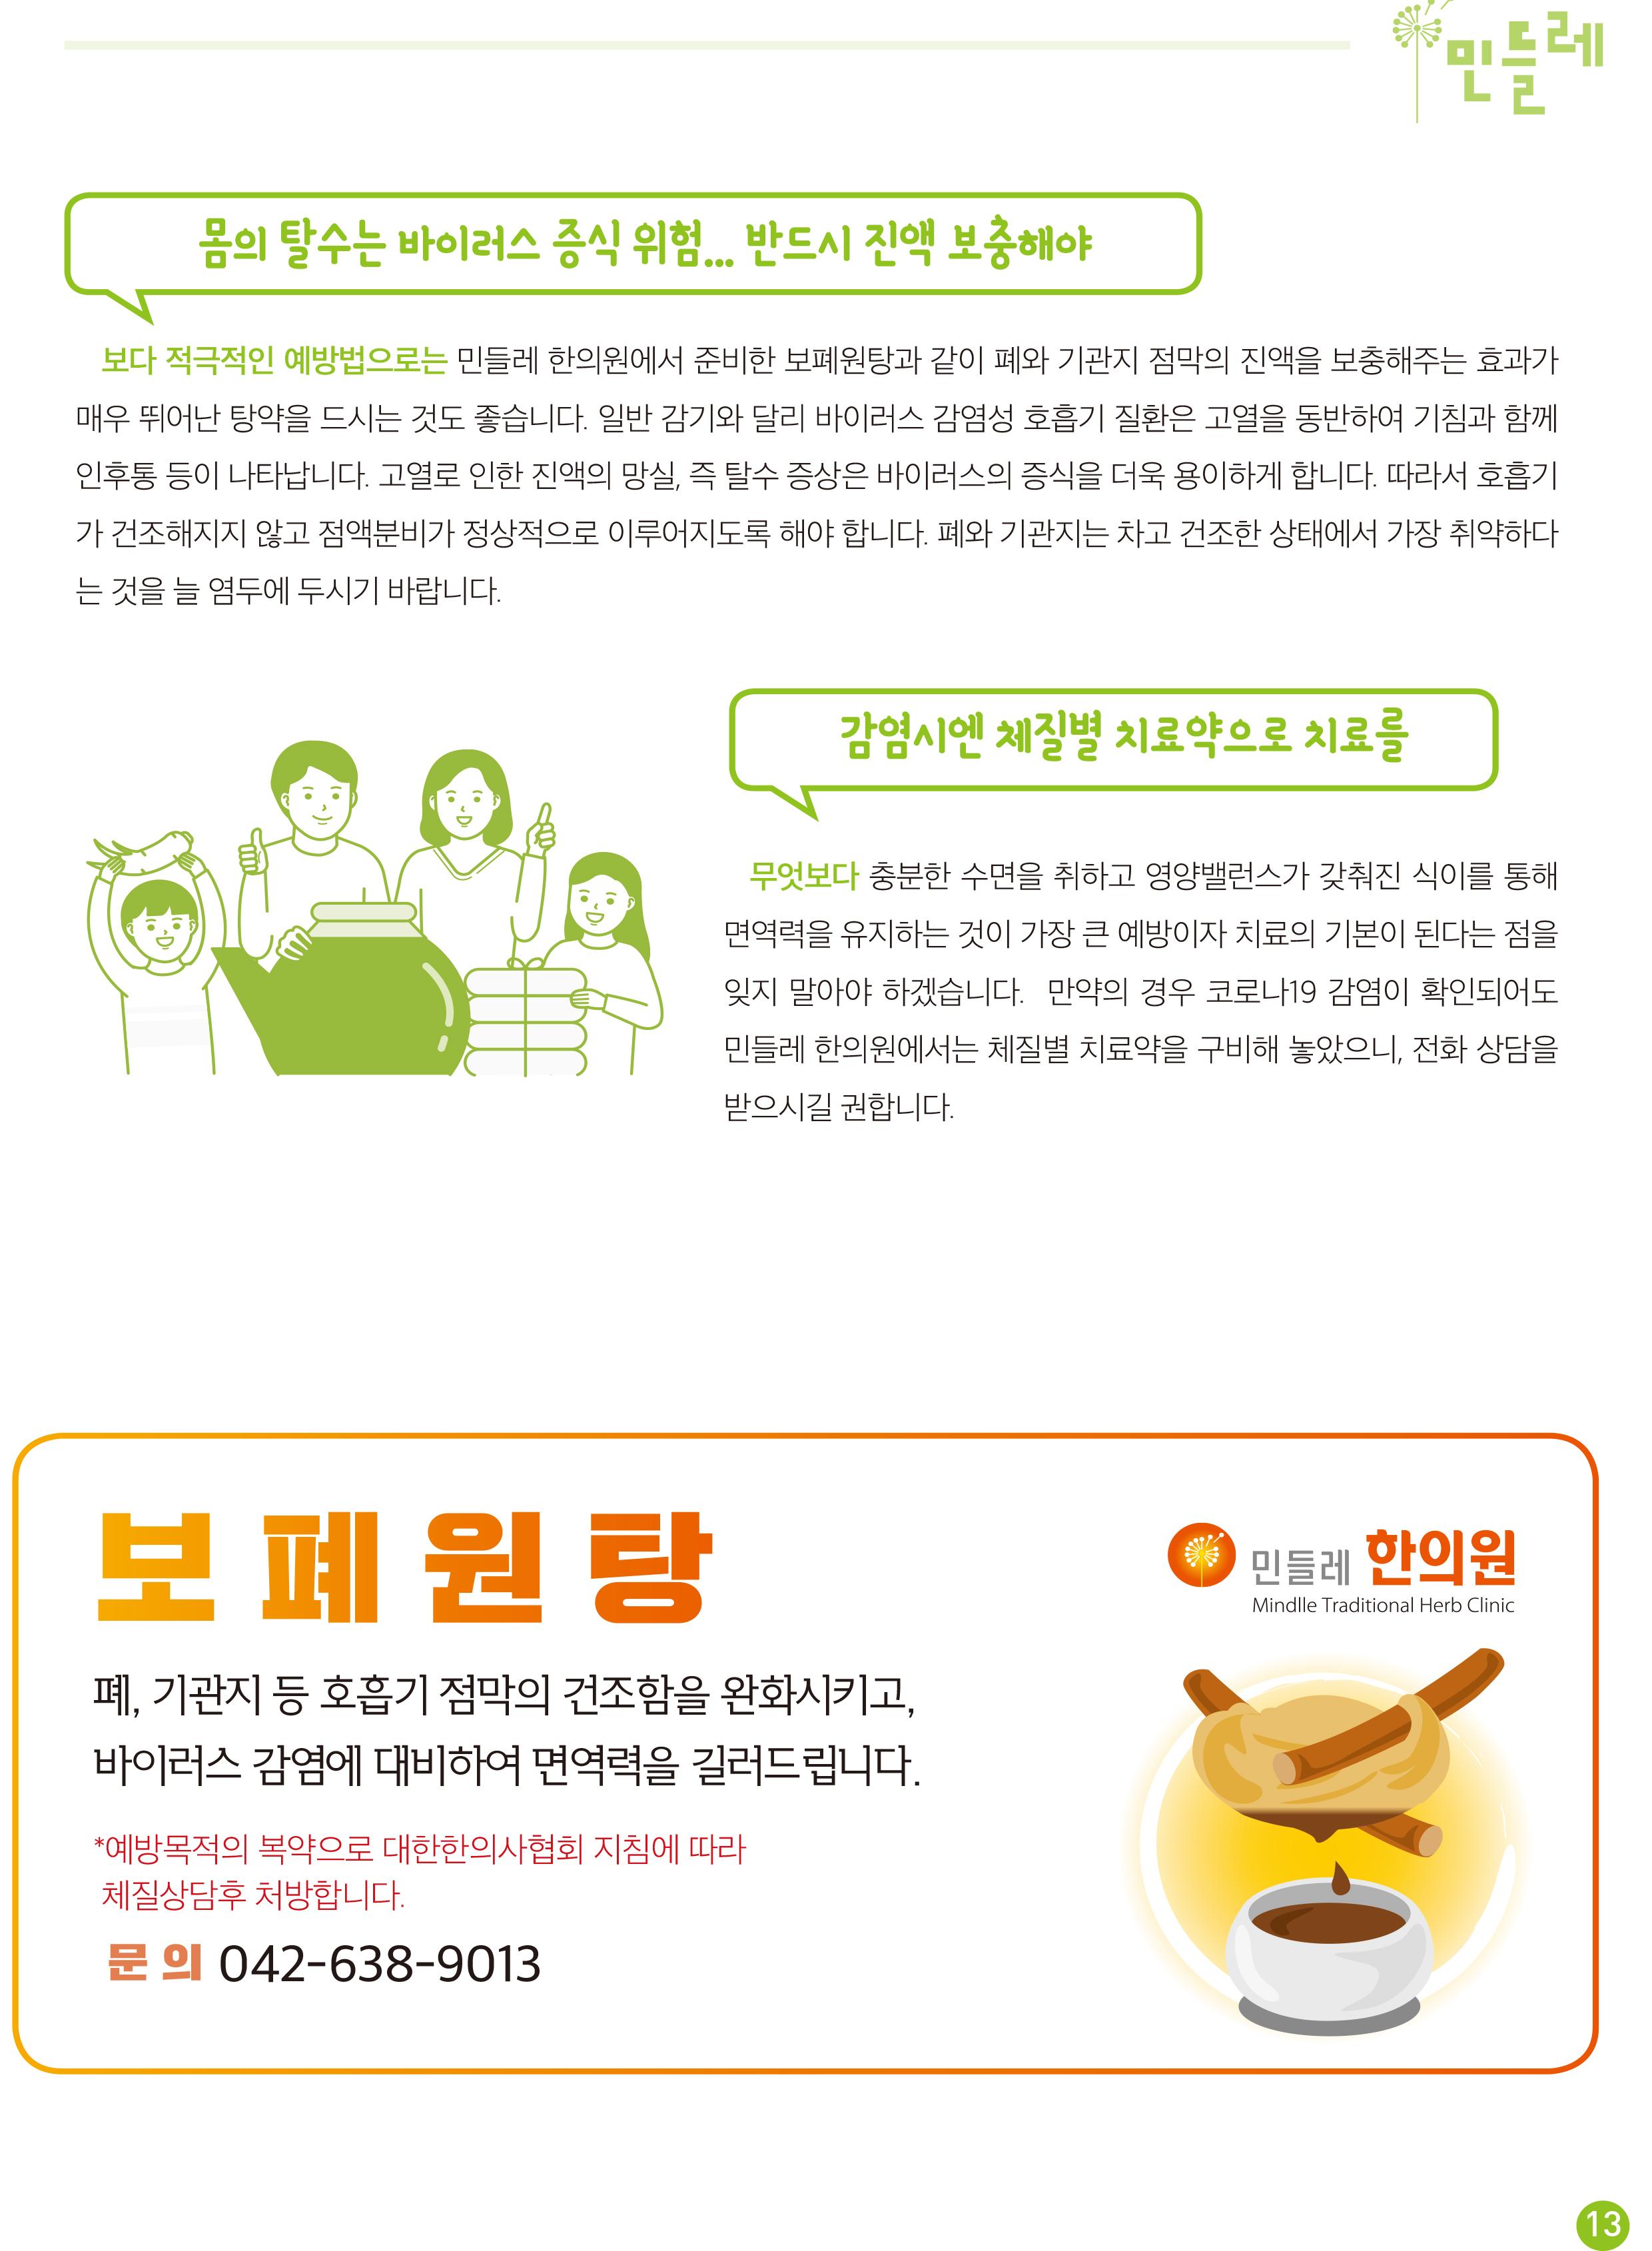 민들레 소식지 5월호 _ 시안(최종)-13.jpg